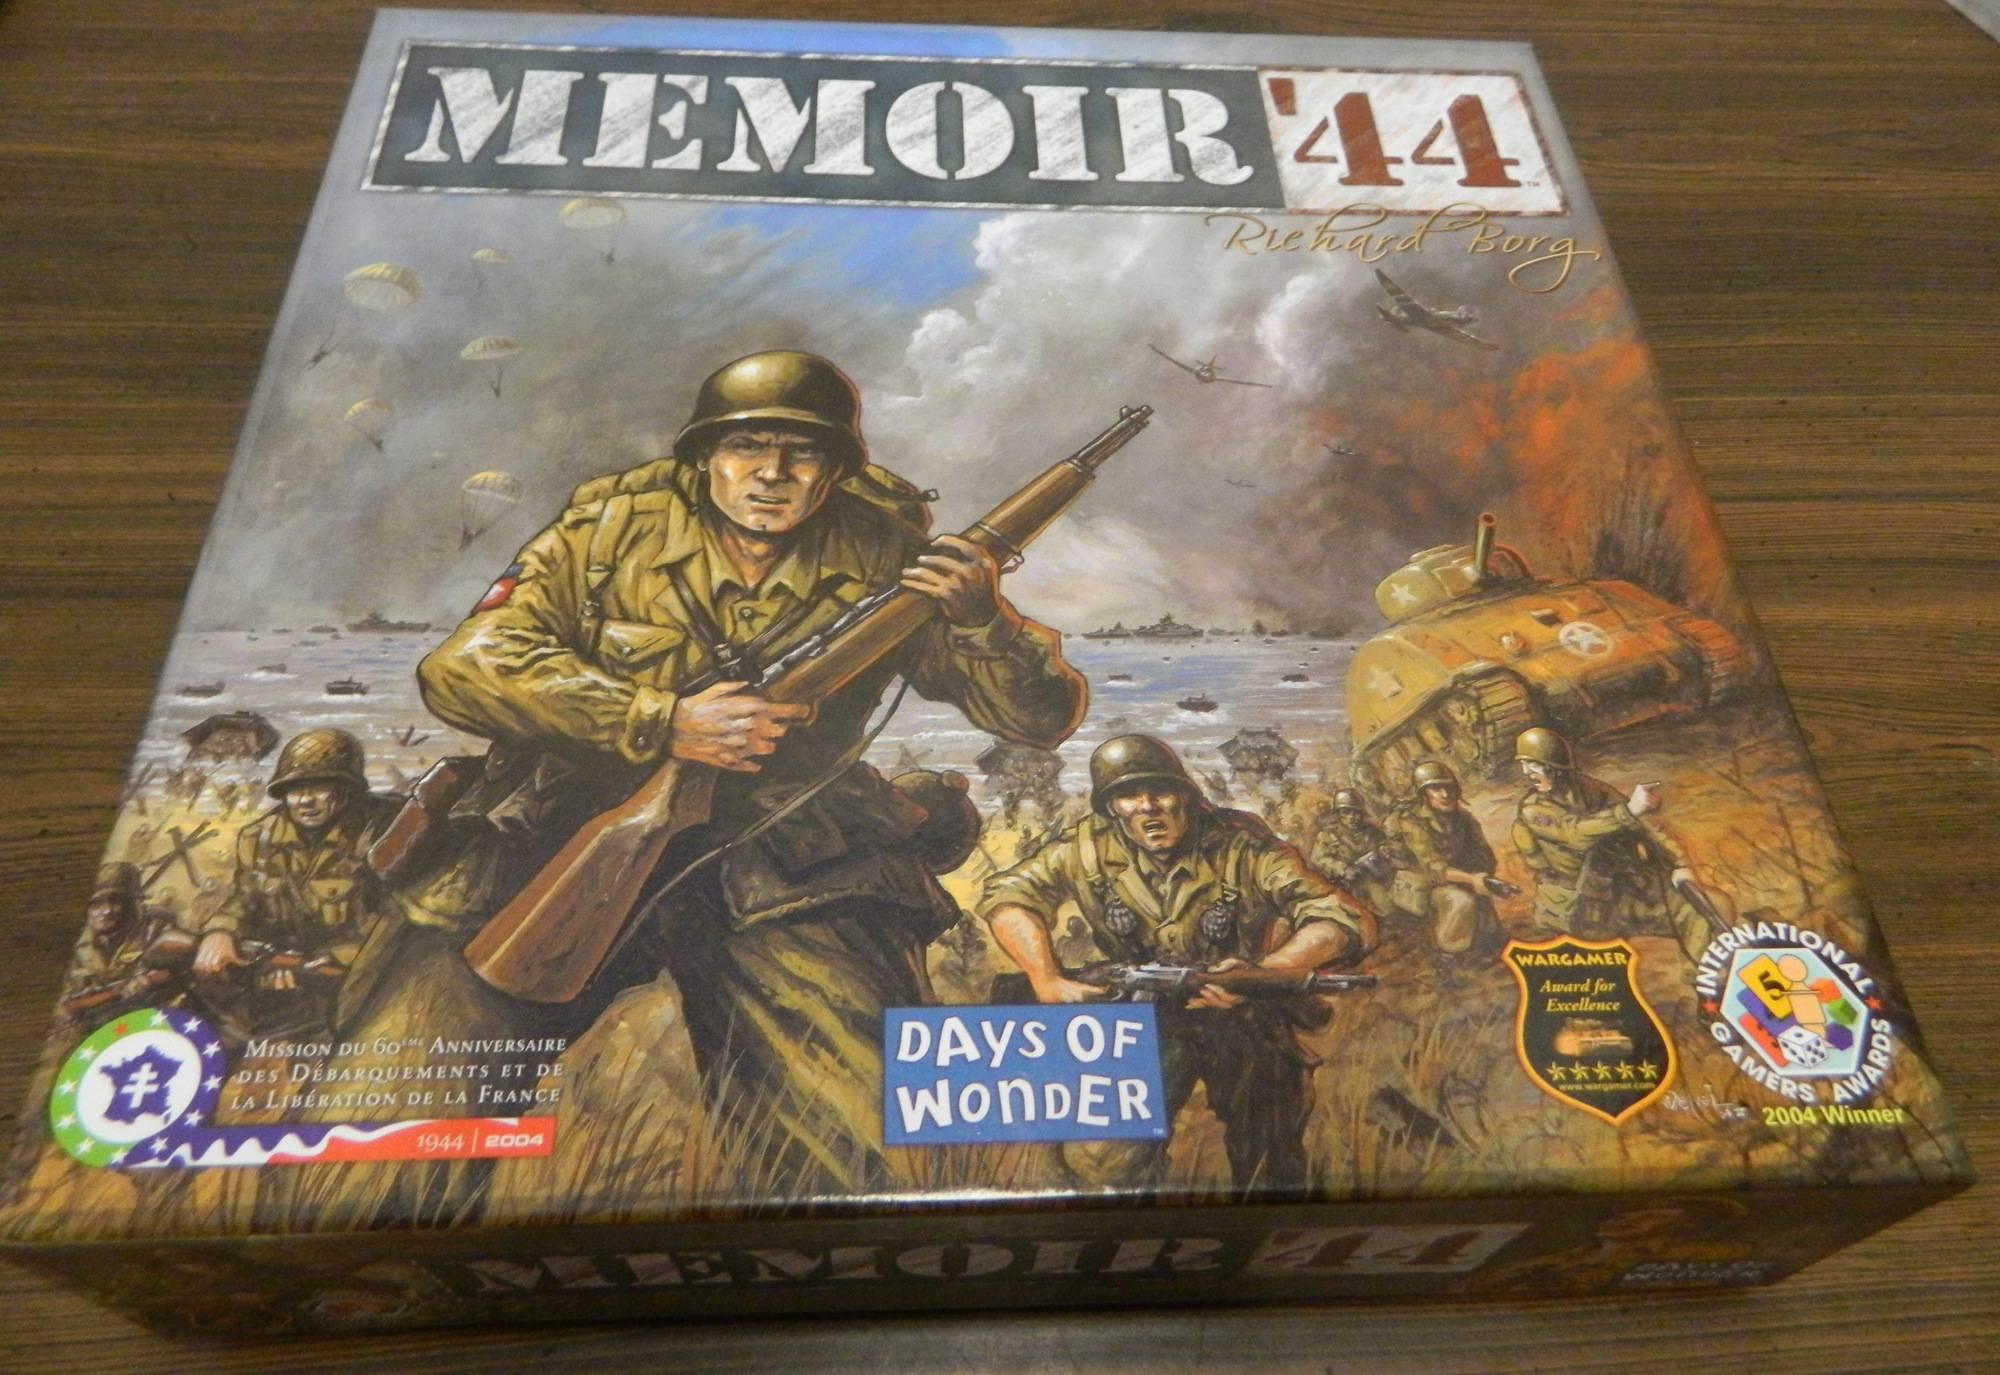 Box for Memoir '44